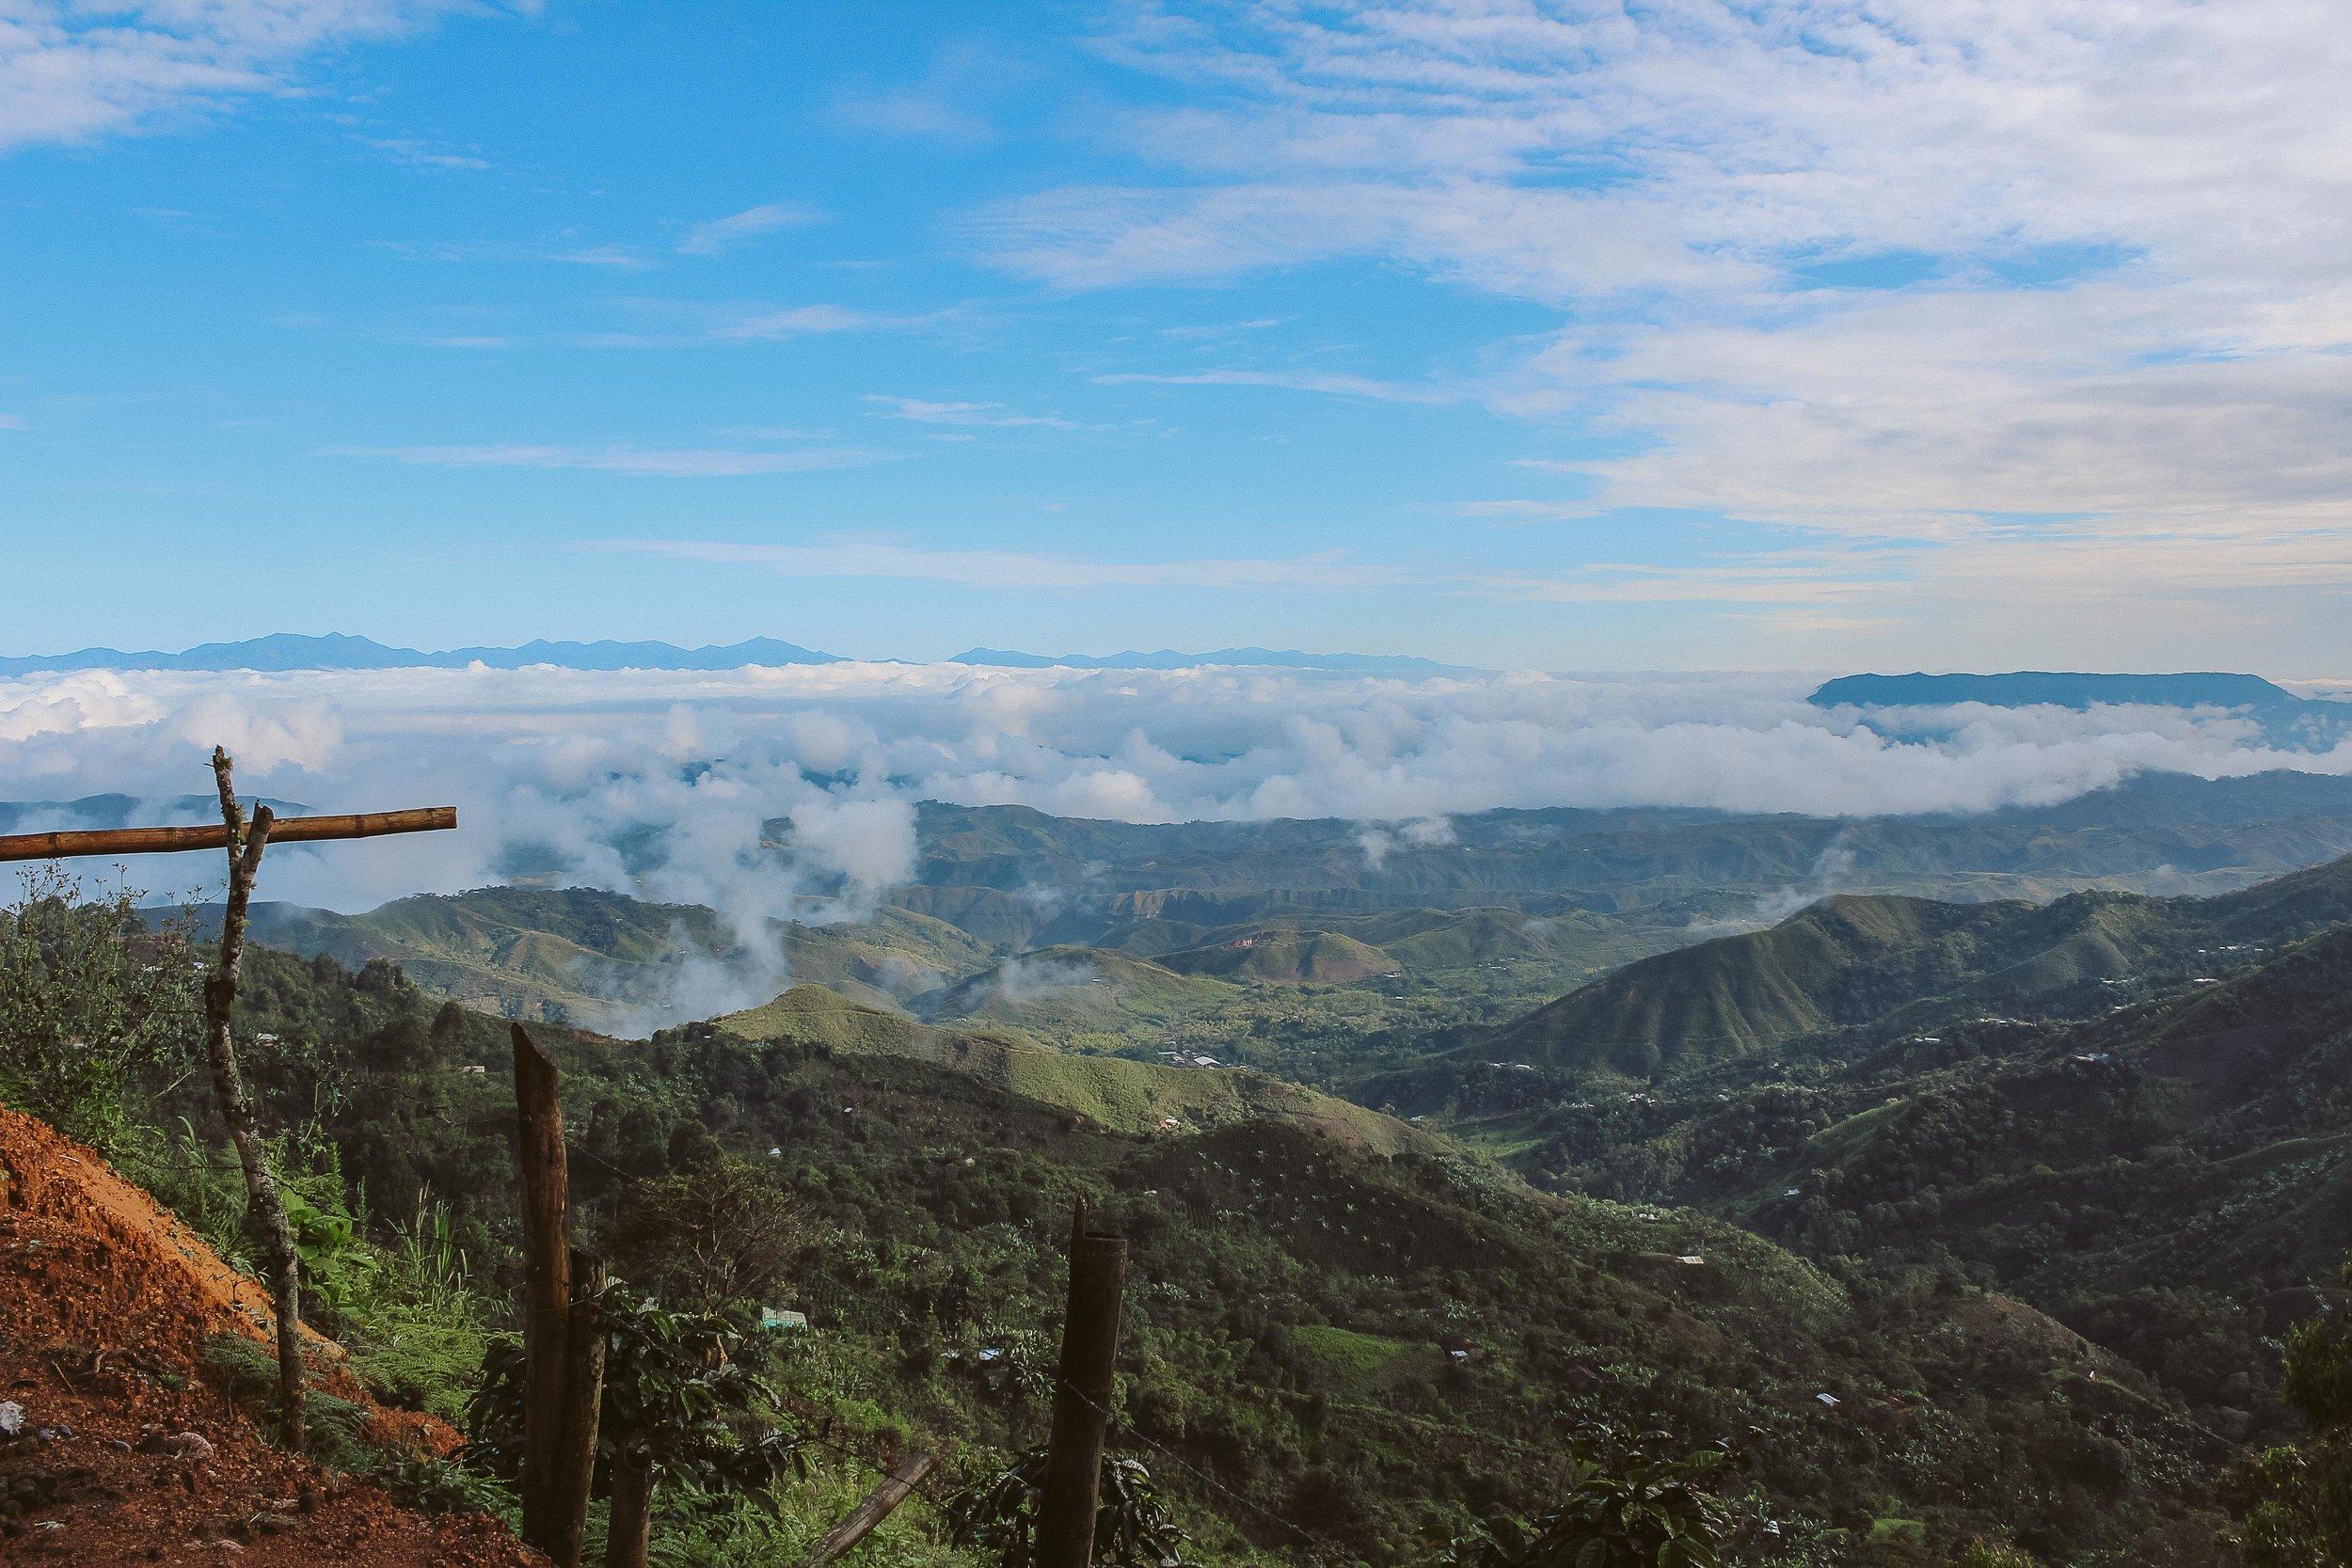 On the road to the Guzman coffee farm in the Cauca region